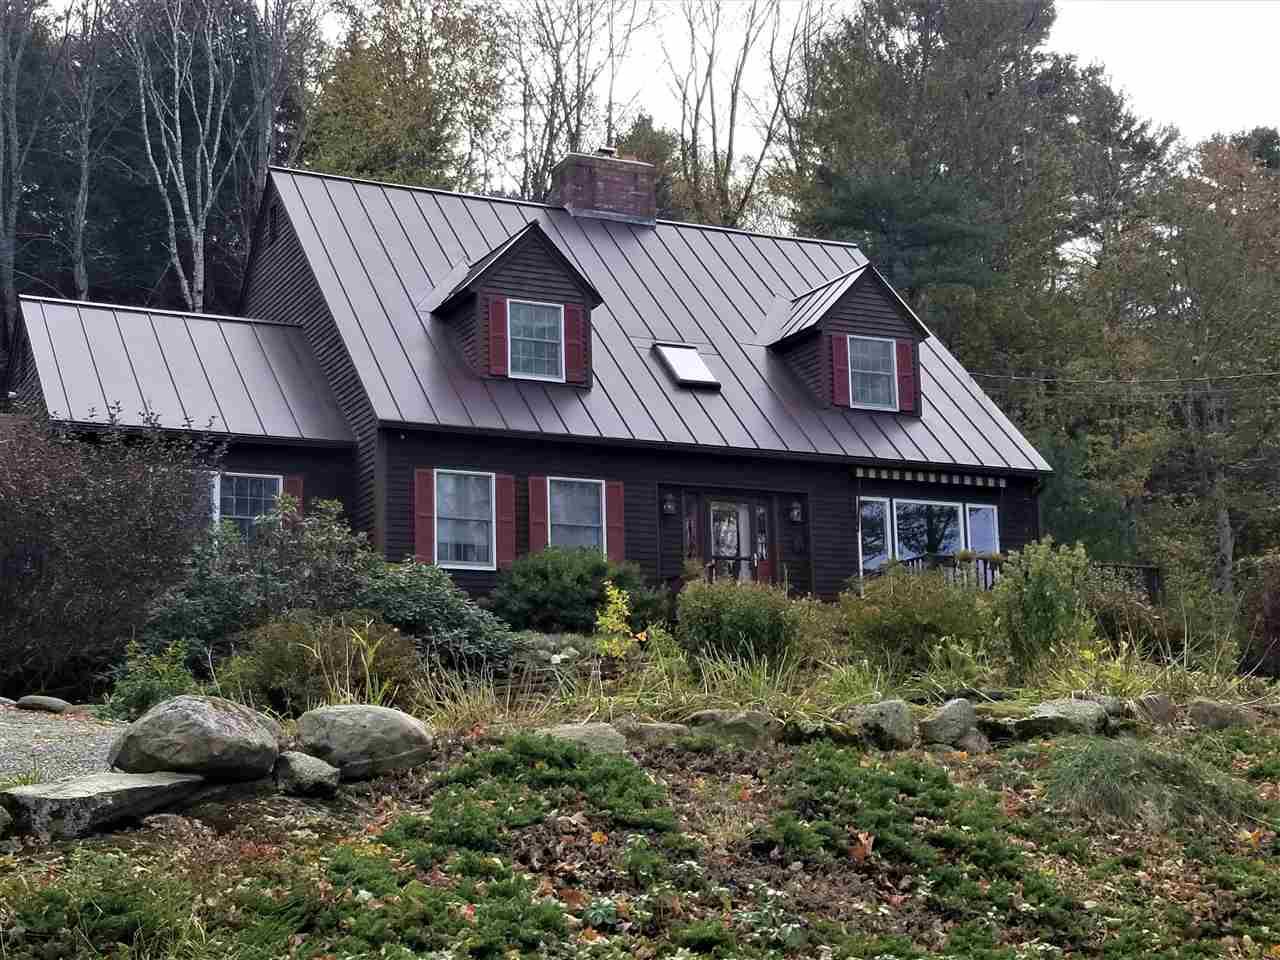 image of Hartford VT Home | sq.ft. 3879